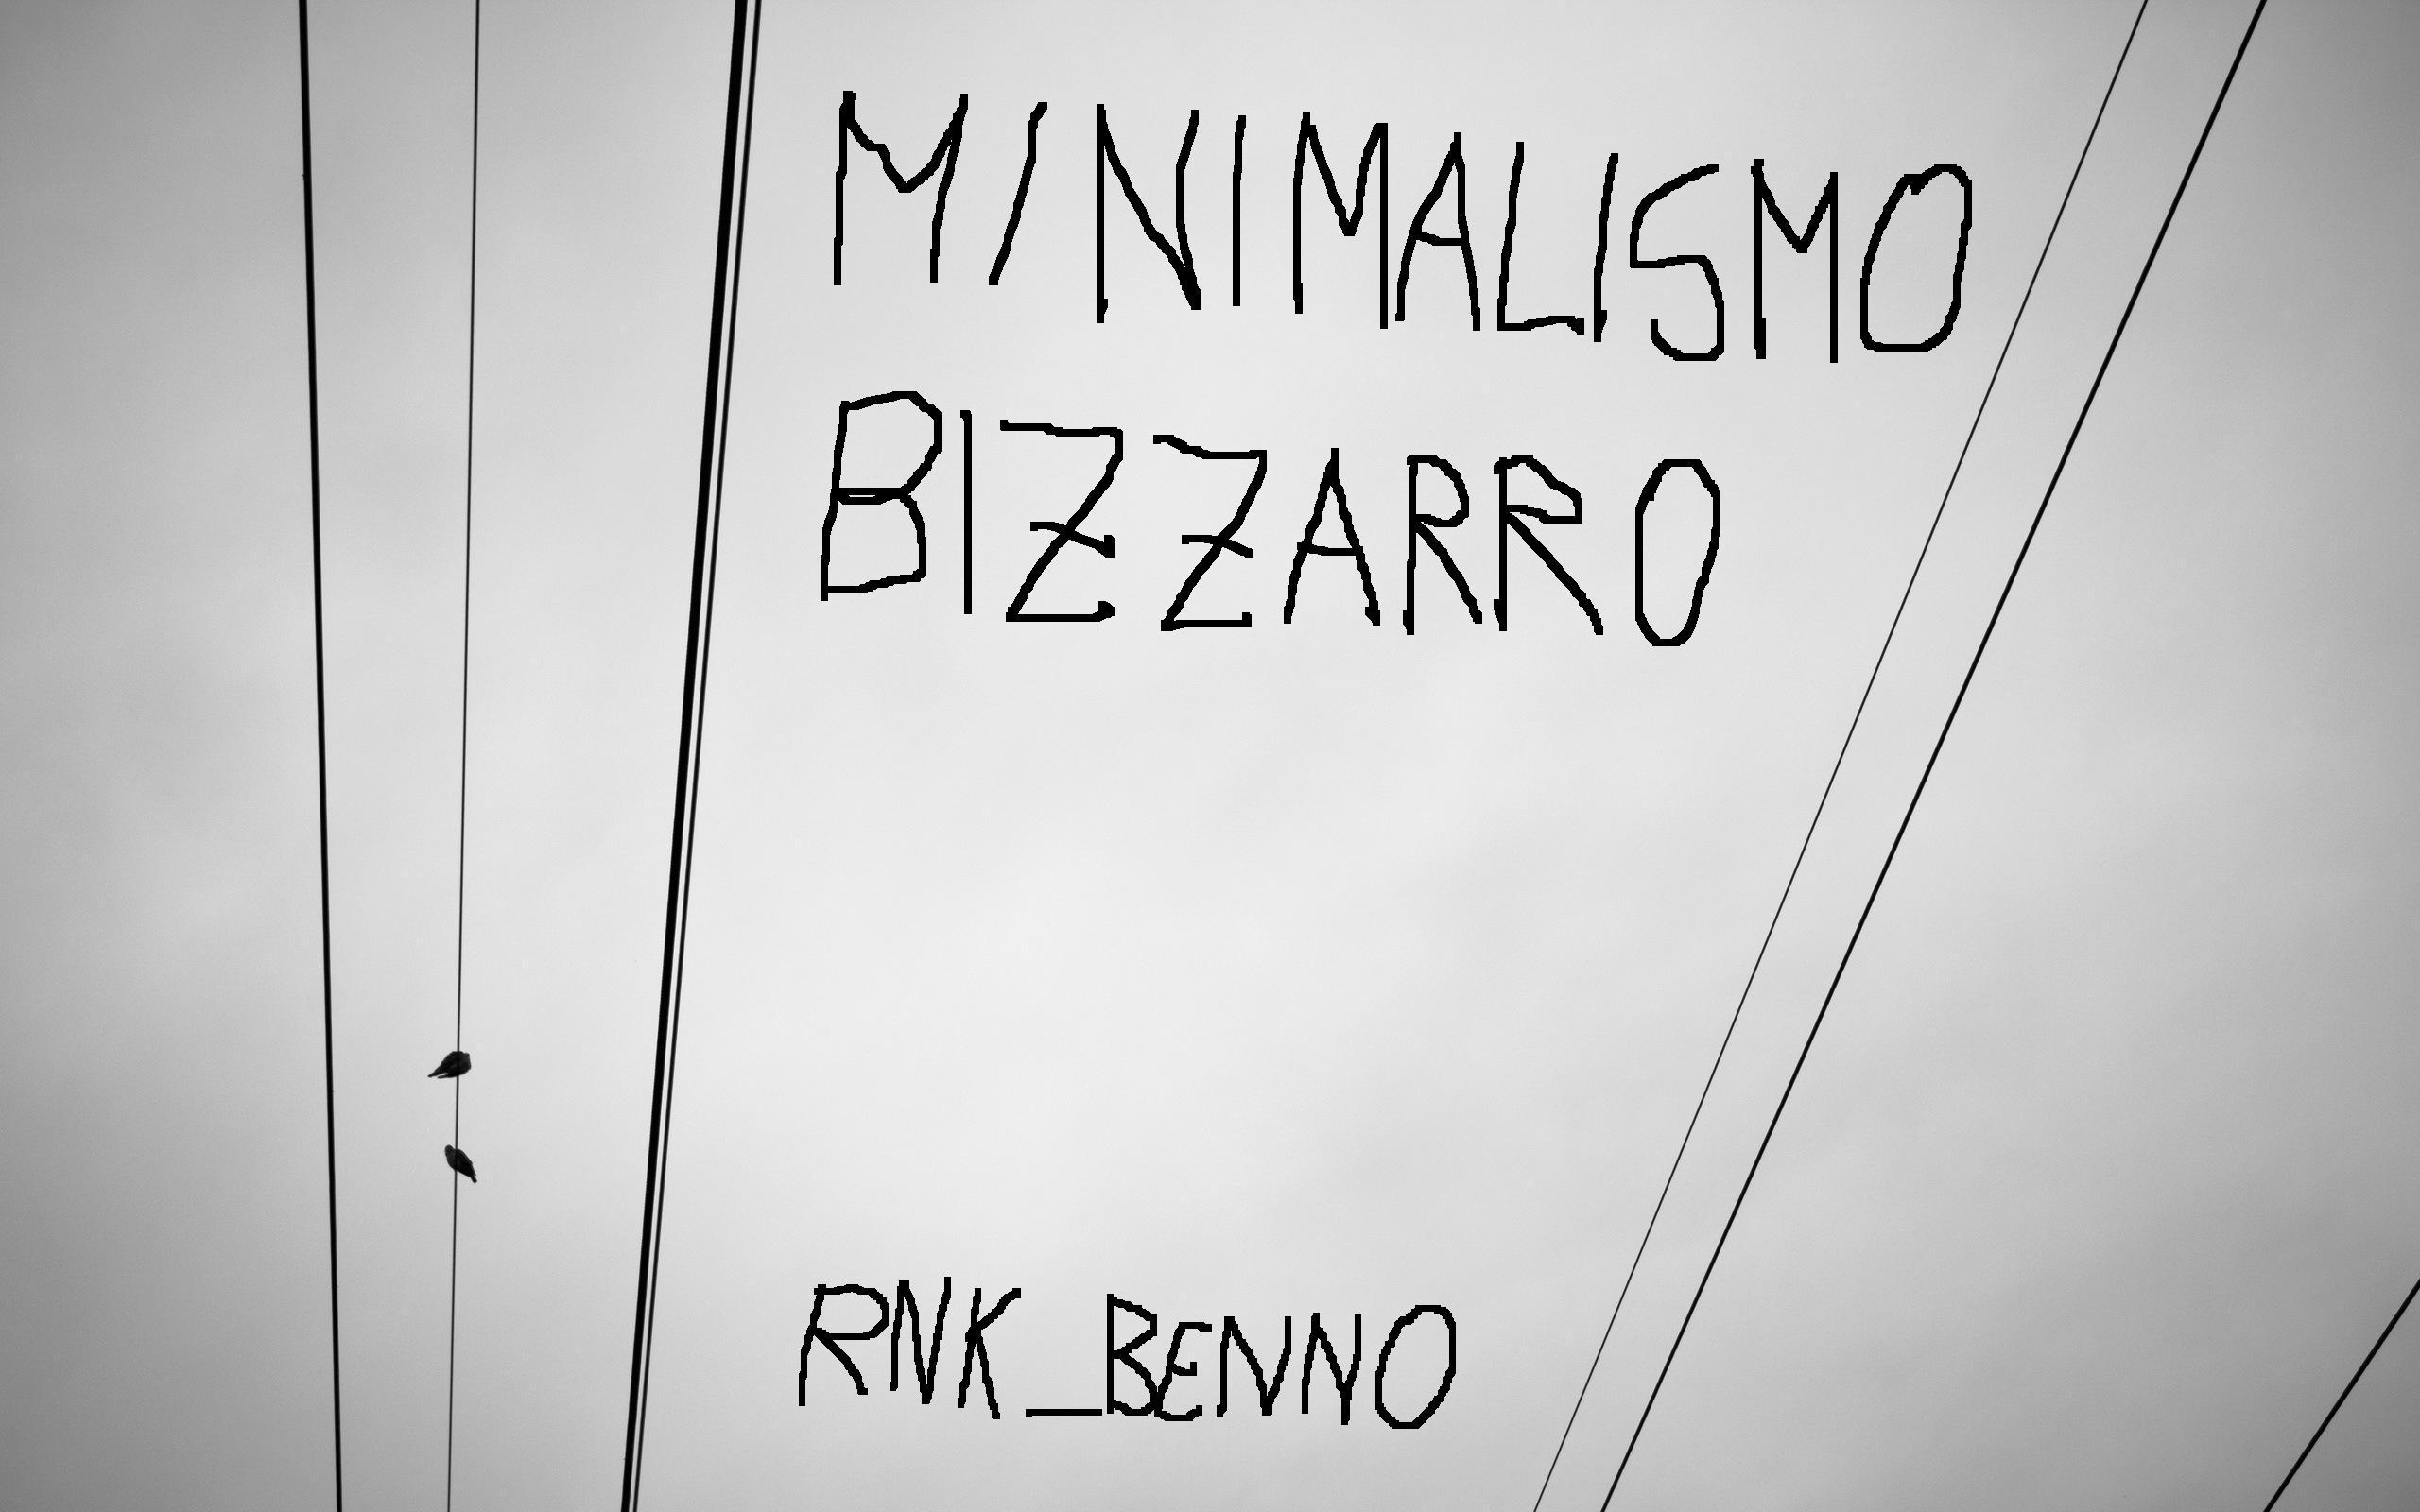 minimalismobizzarro1